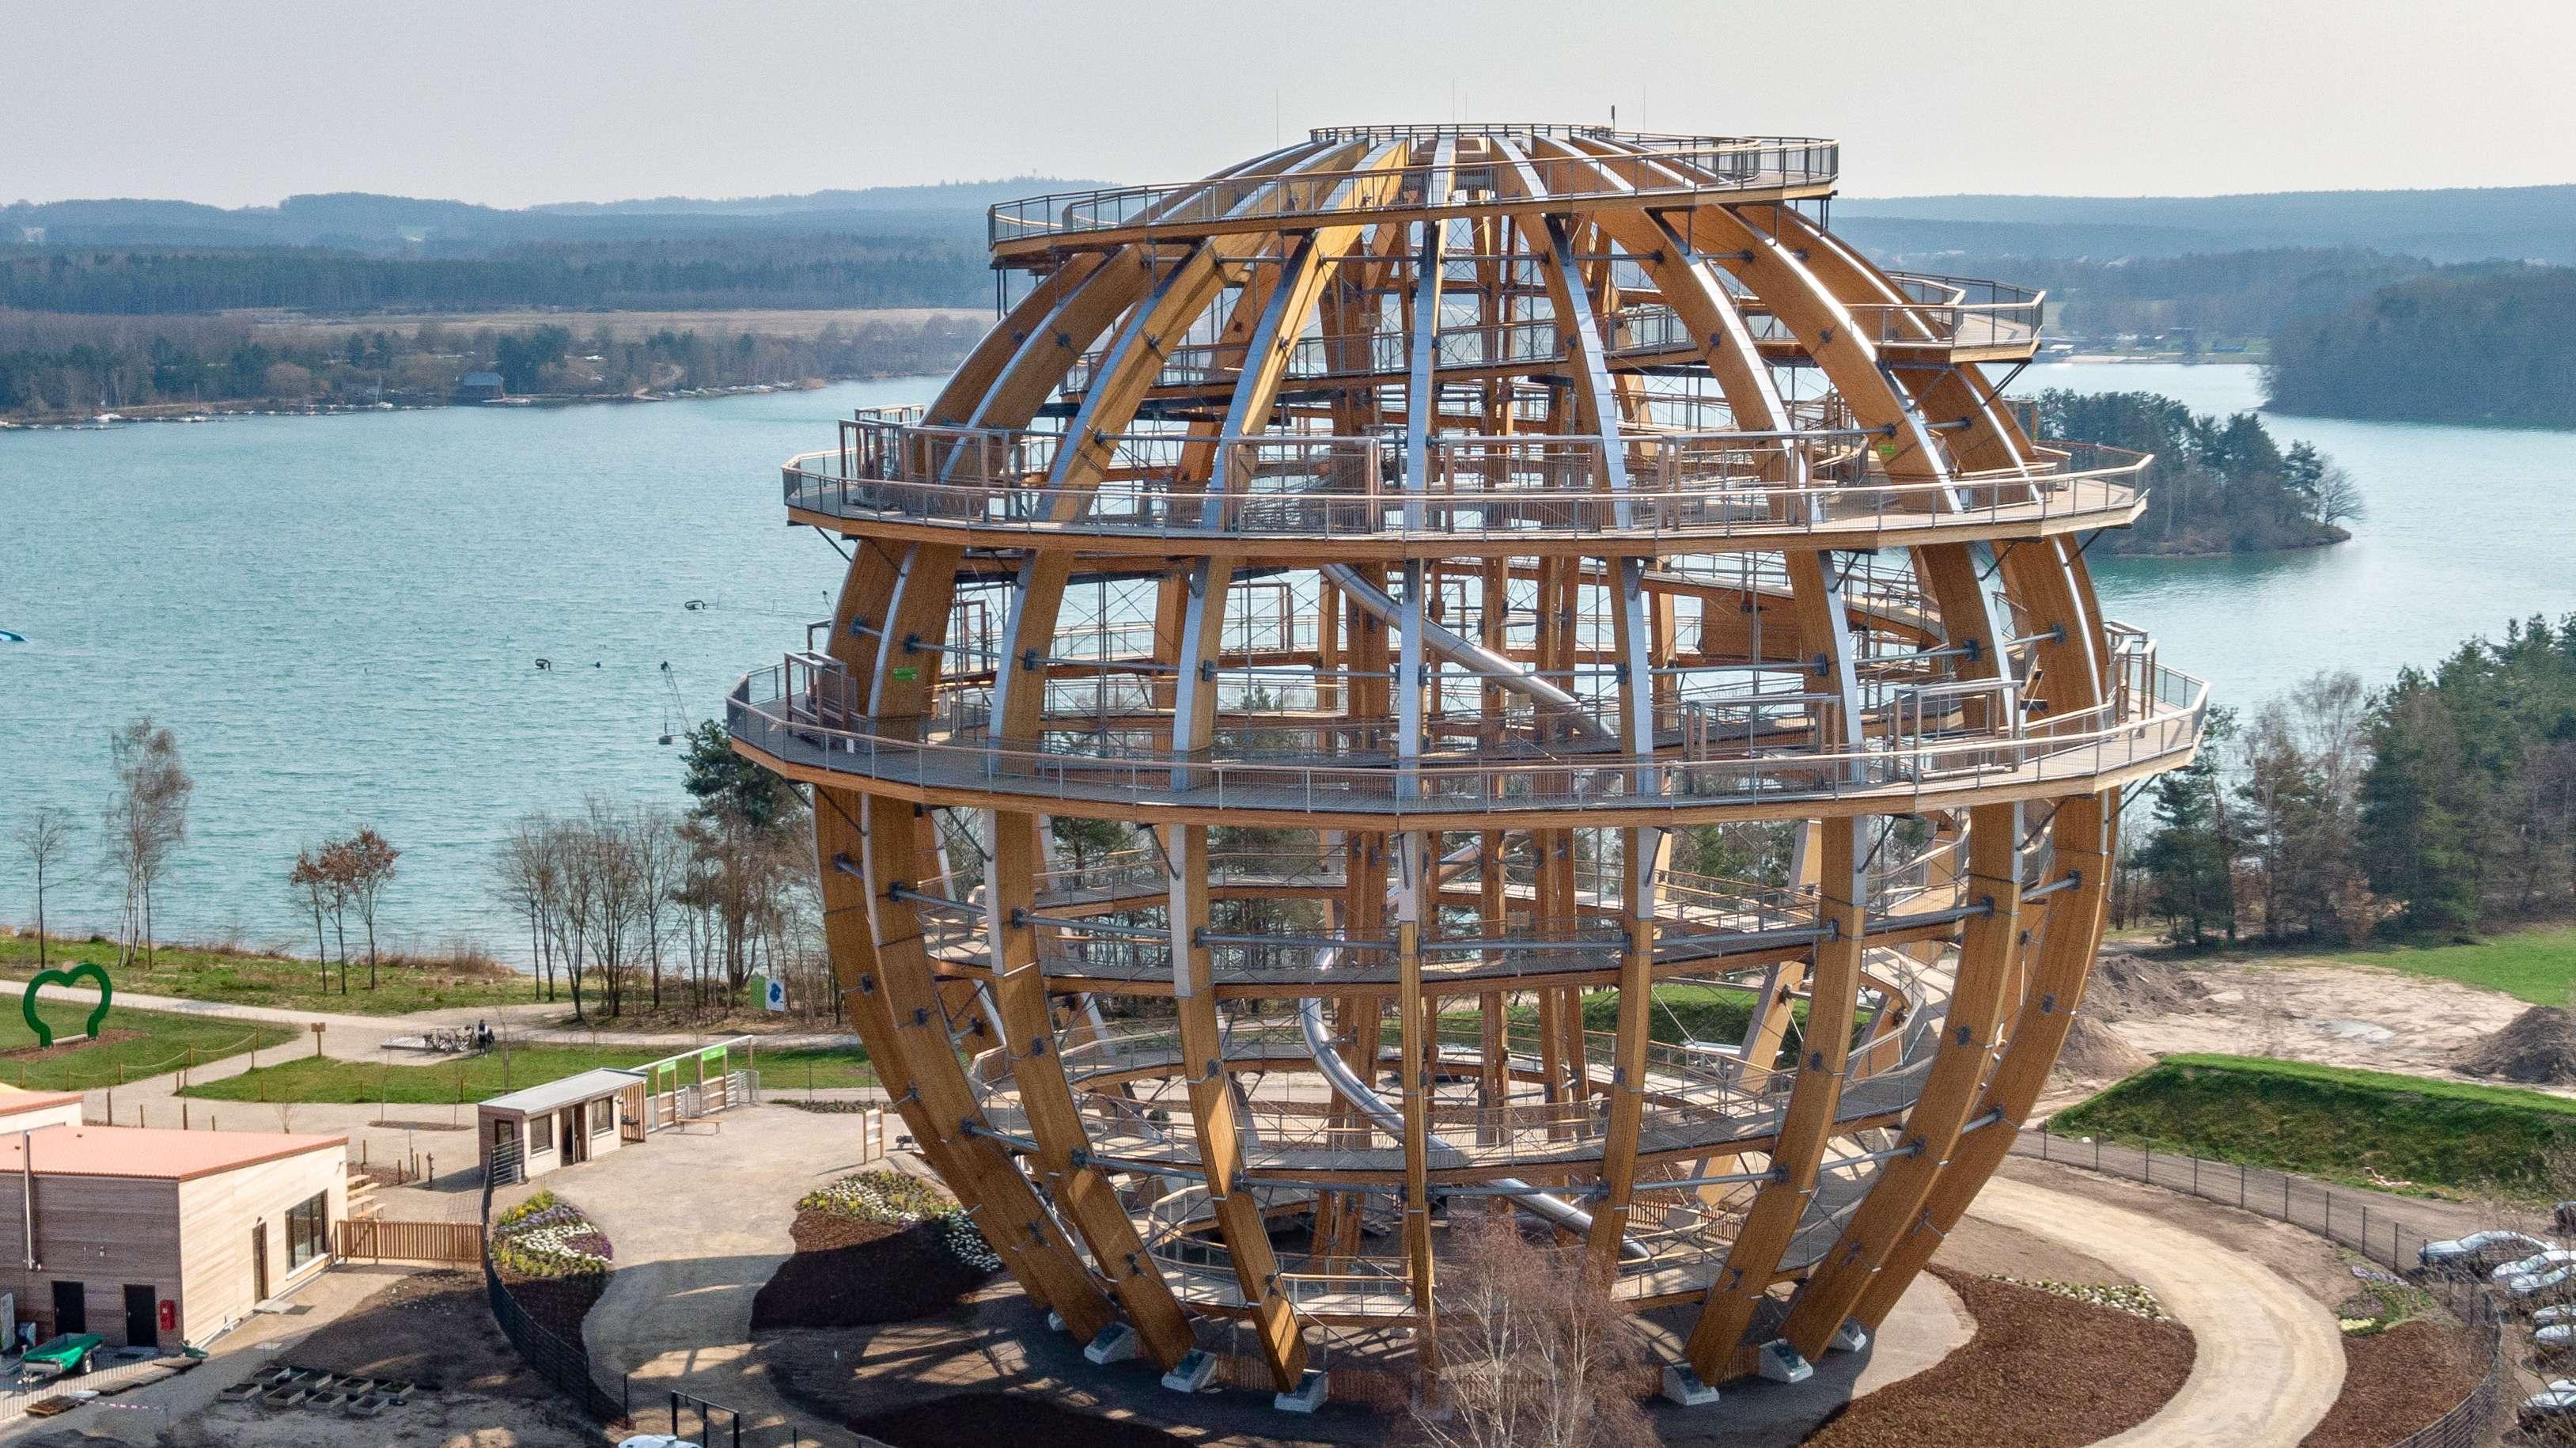 Die neue Panorama-Holzkugel am Steinberger See ist eine Attraktion. Allerdings gibt es Kritik an den hohen Preisen.